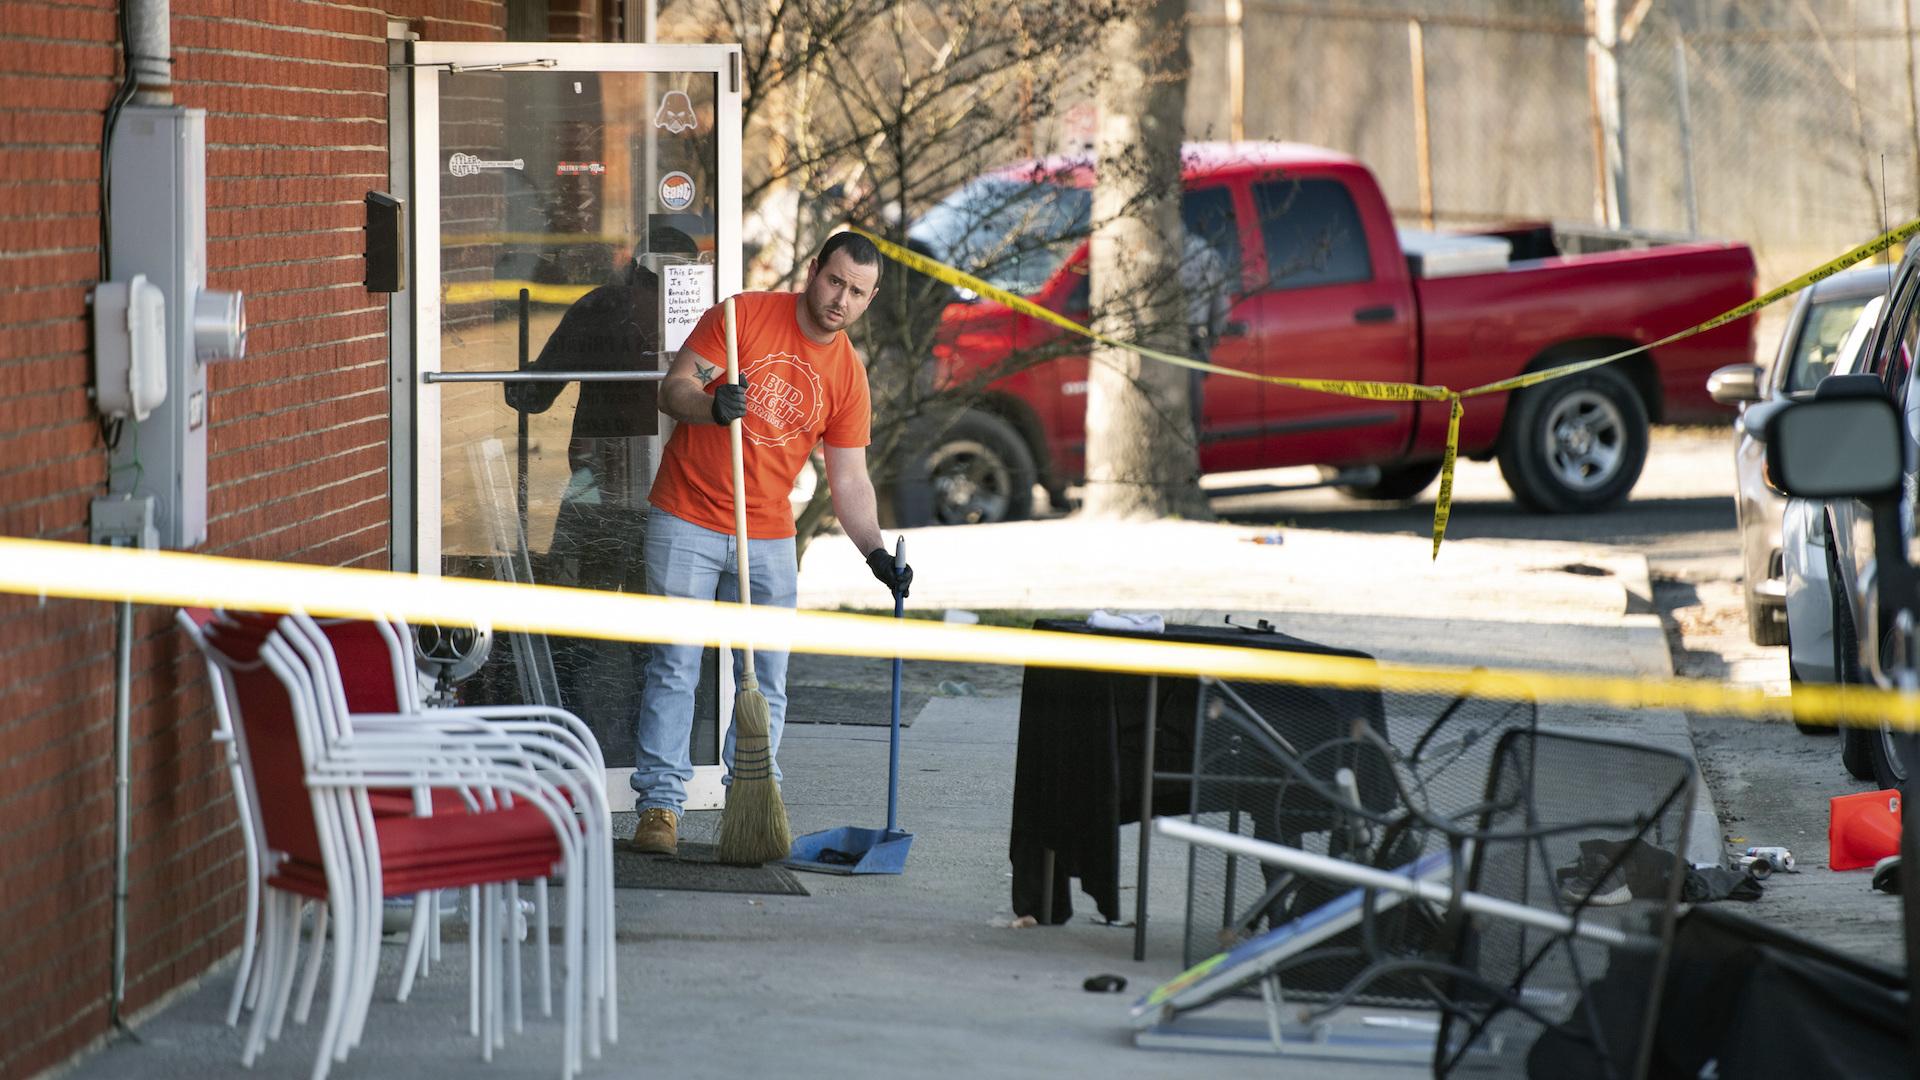 Dos muertos y 7 heridos durante balacera en Carolina del Sur